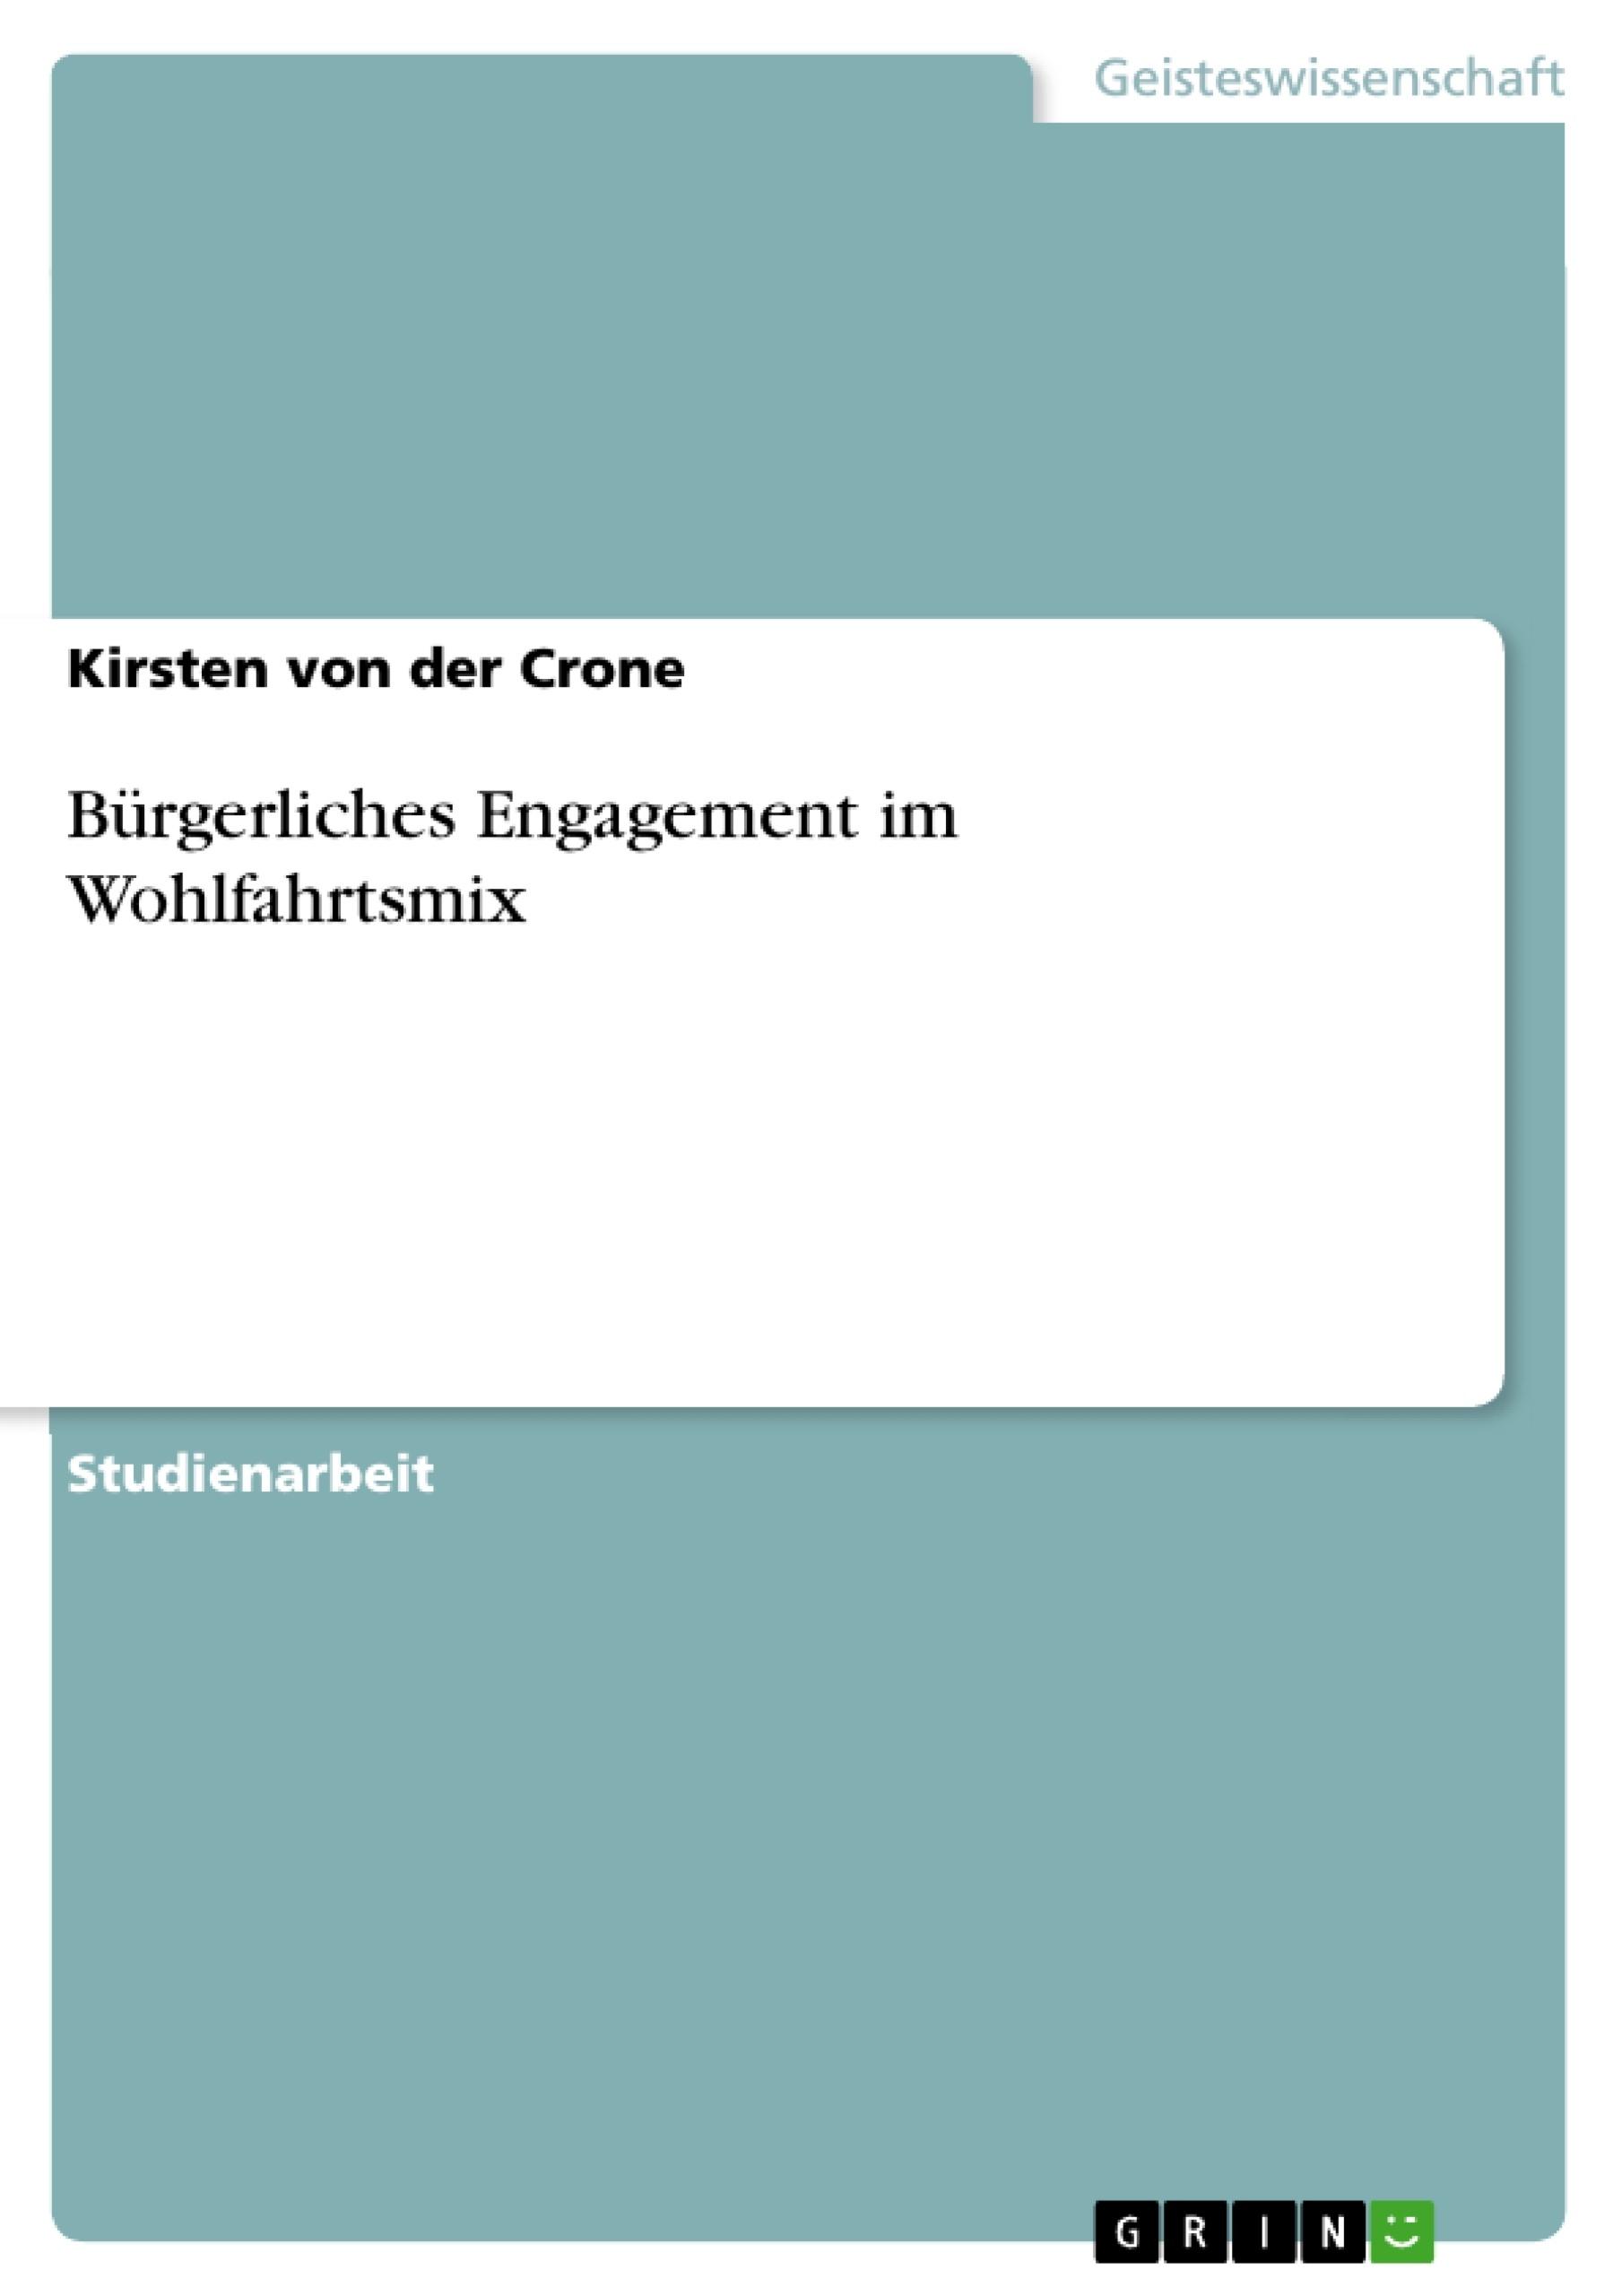 Titel: Bürgerliches Engagement im Wohlfahrtsmix